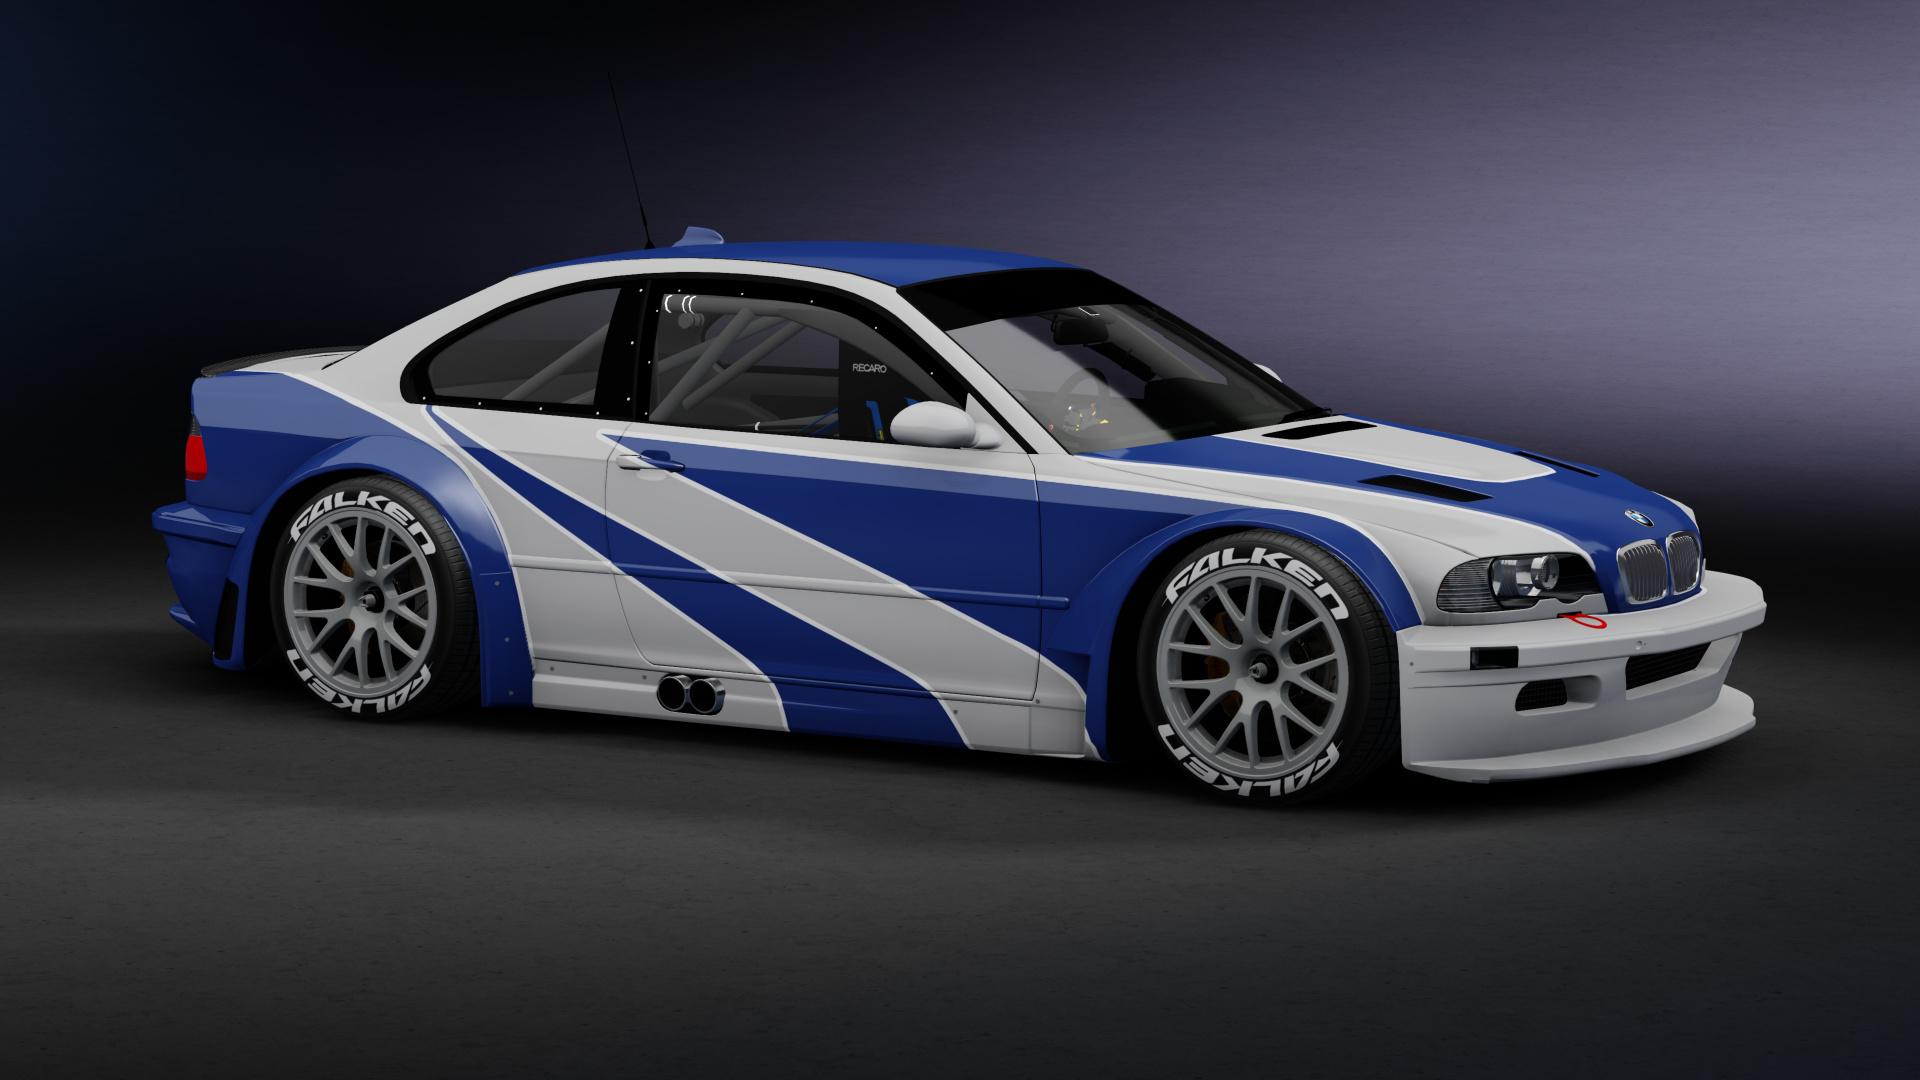 Bmw M3 Gtr Nfsmw 1 Racedepartment